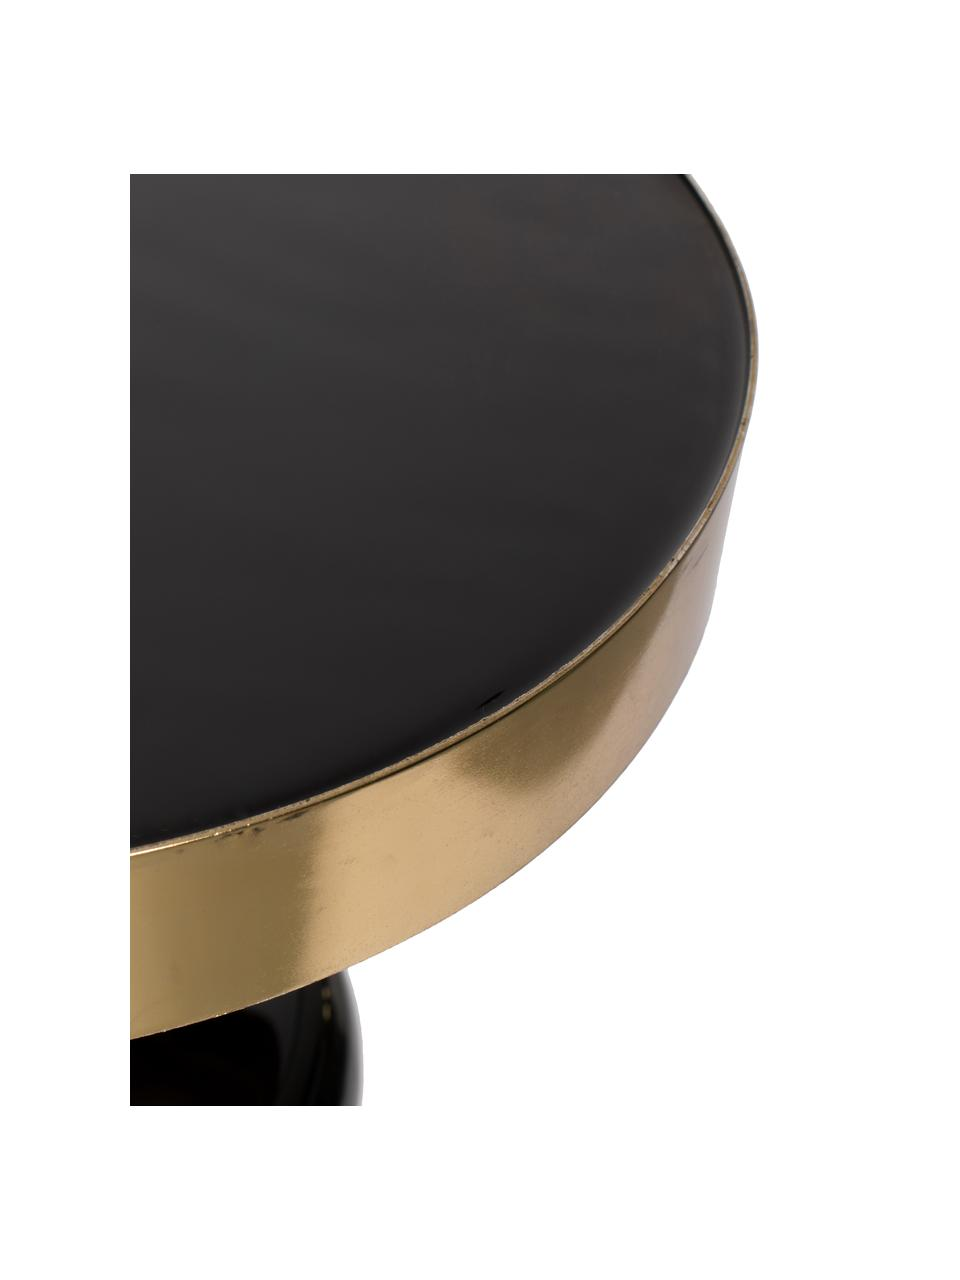 Tavolino rotondo smaltato Glam, Piano d'appoggio: metallo smaltato, Struttura: metallo verniciato a polv, Nero, Ø 36 x Alt. 51 cm